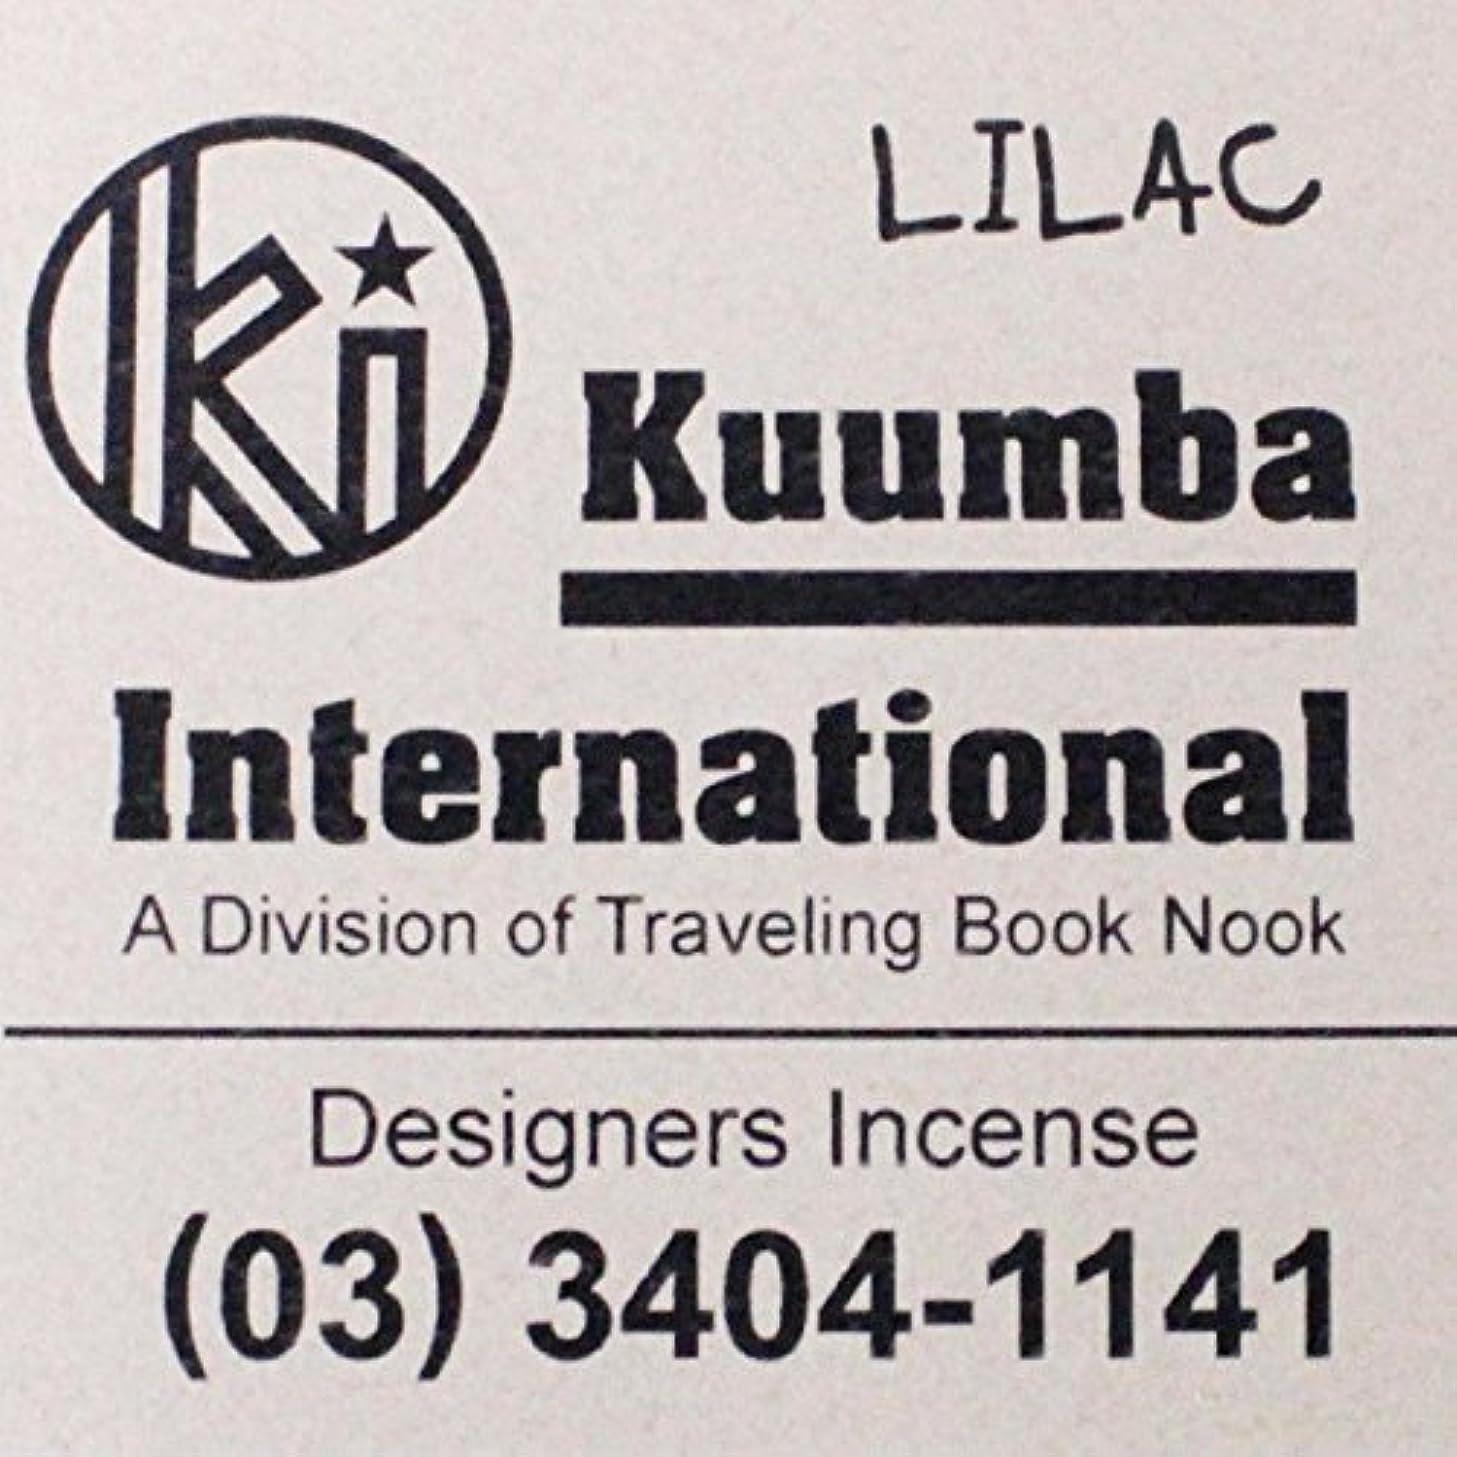 不変横フィードオン(クンバ) KUUMBA『incense』(LILAC) (Regular size)